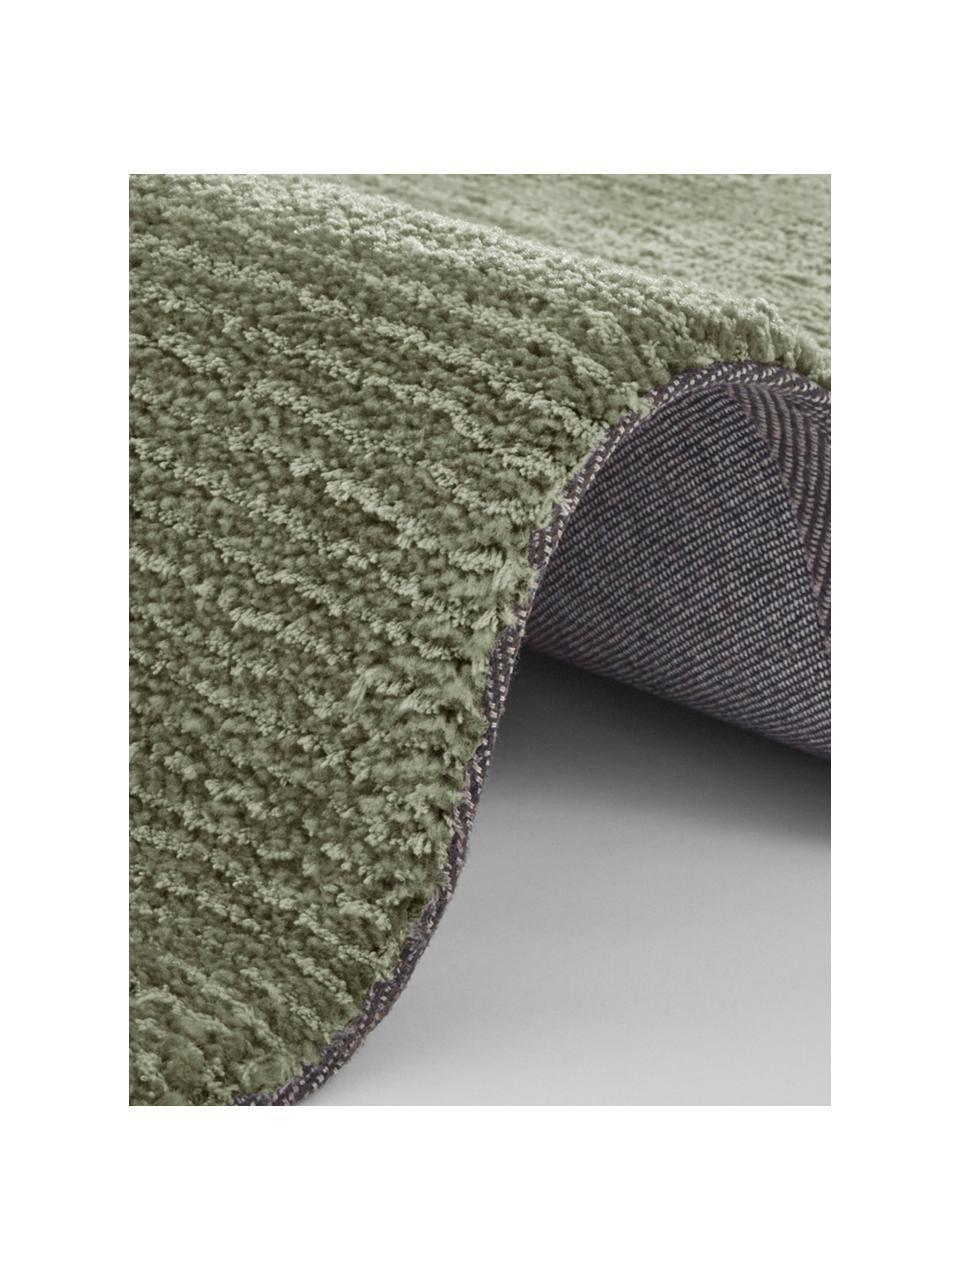 Teppich Supersoft, 100% Polyester, Moosgrün, B 200 x L 290 cm (Größe L)